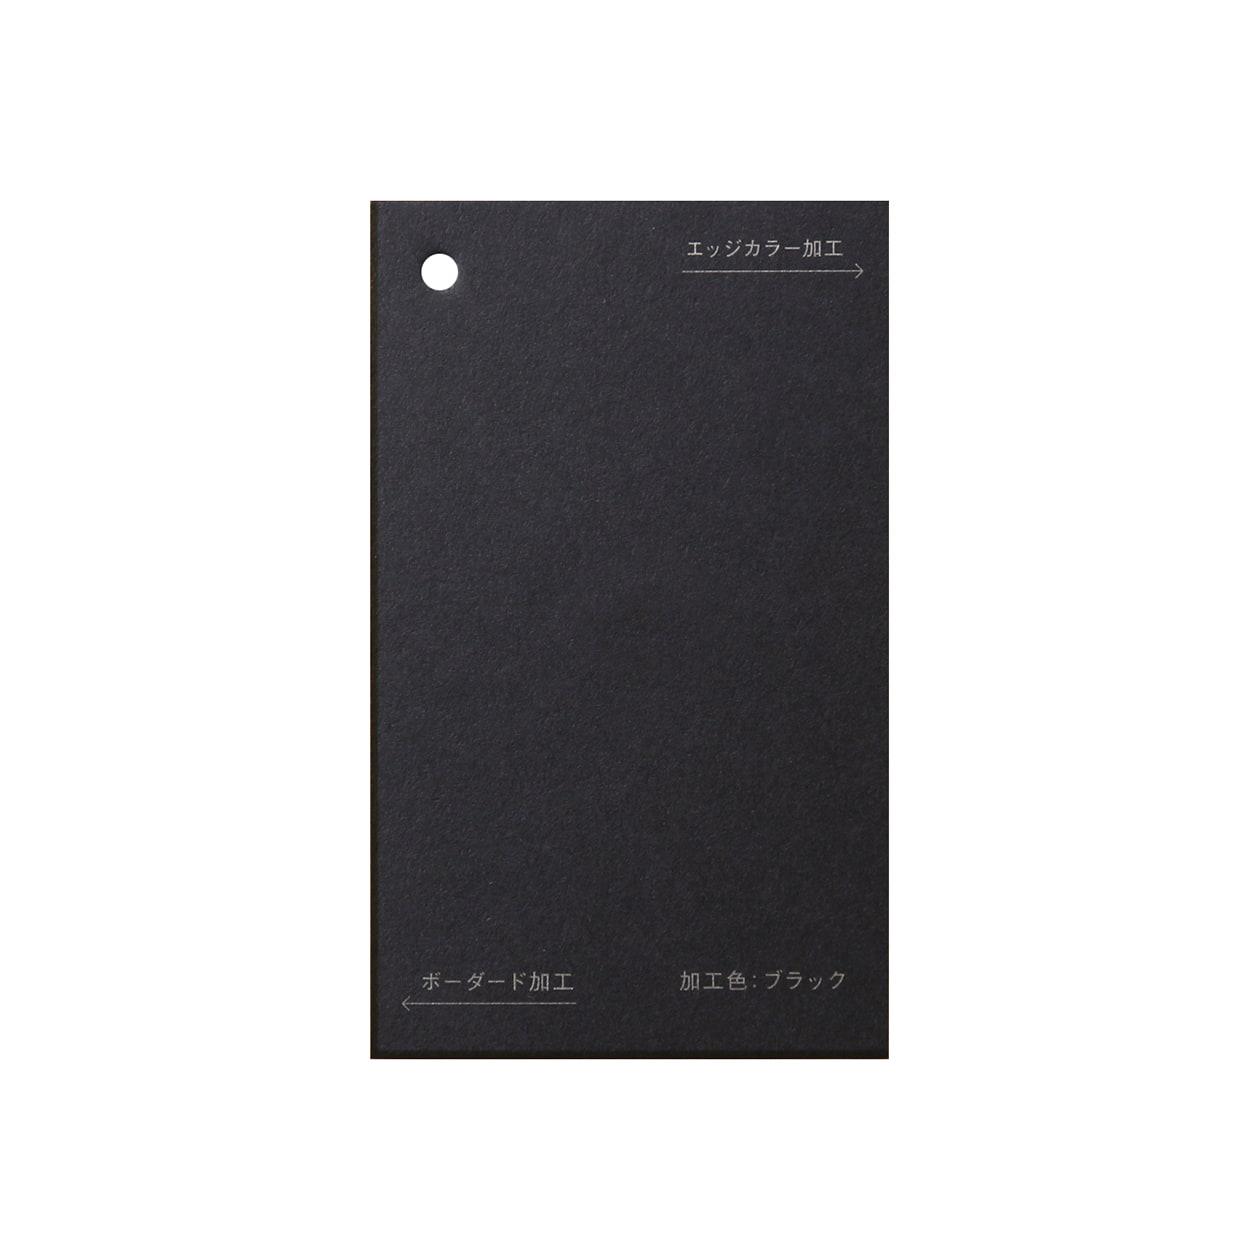 加工色見本 00183ボーダード・エッジカラー ブラックミッドナイトブルー 291g